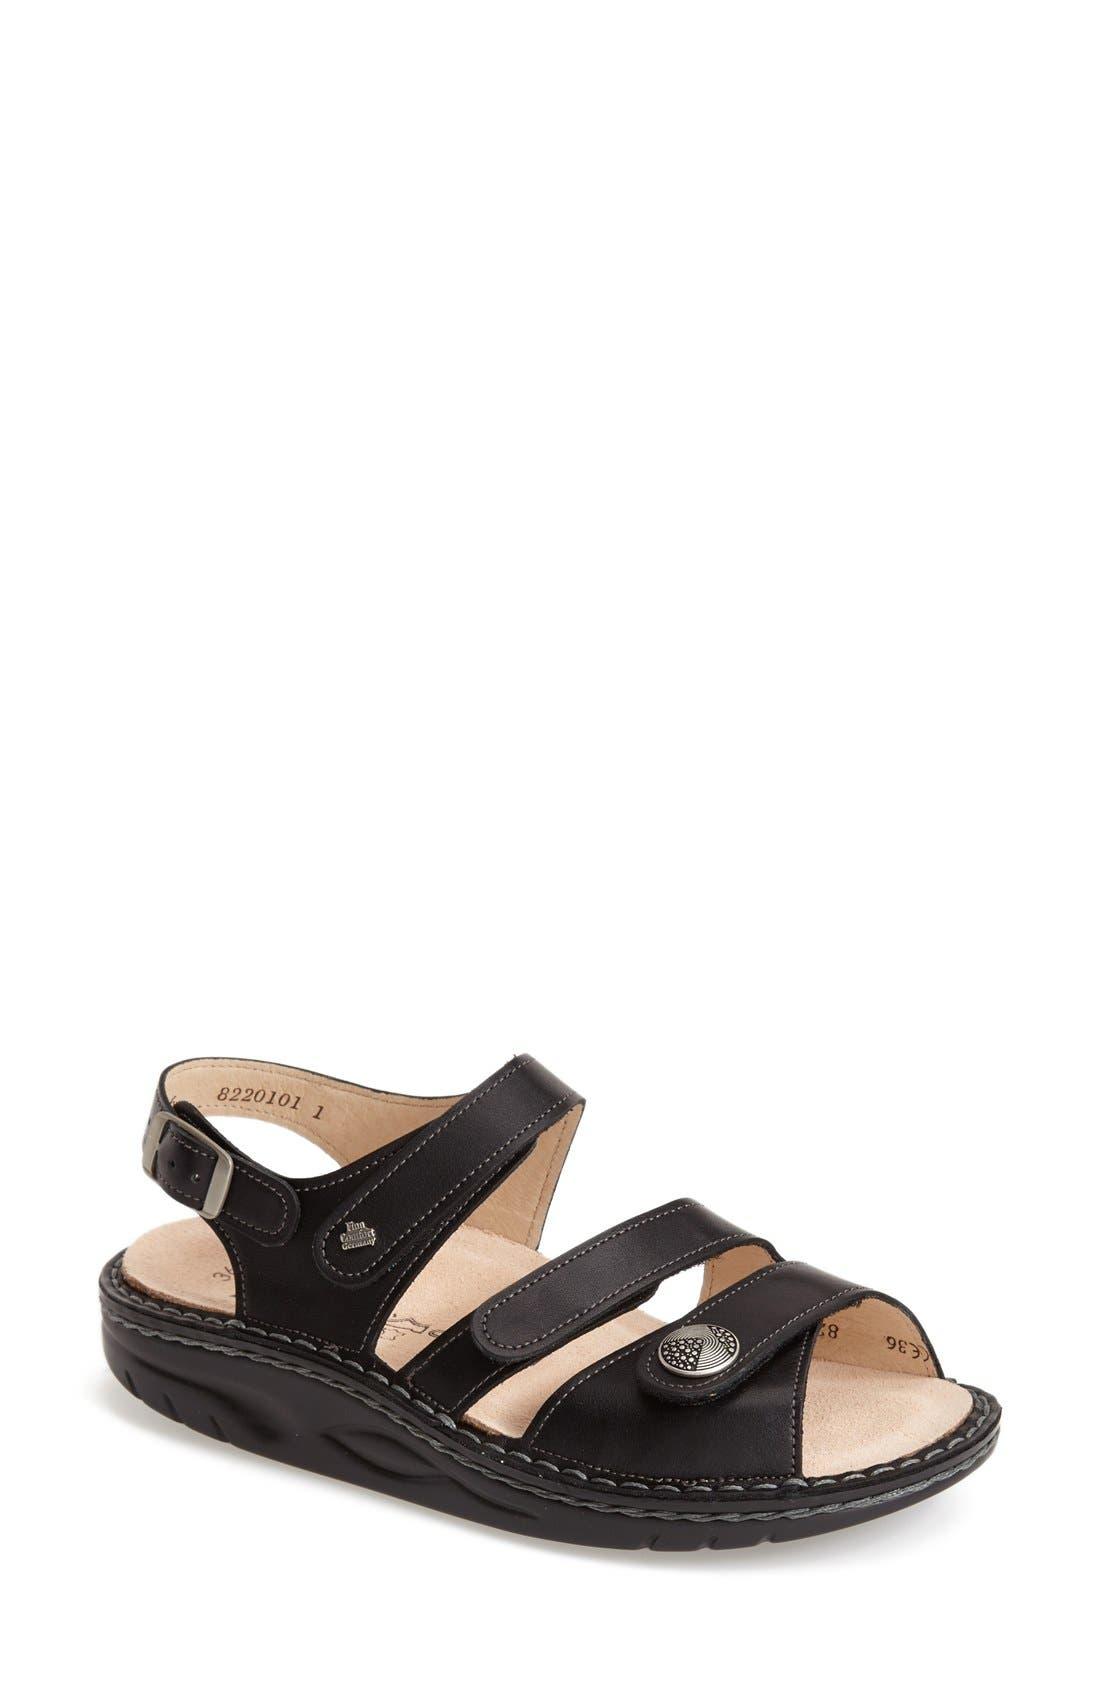 'Tiberias' Leather Sandal,                             Main thumbnail 1, color,                             Black